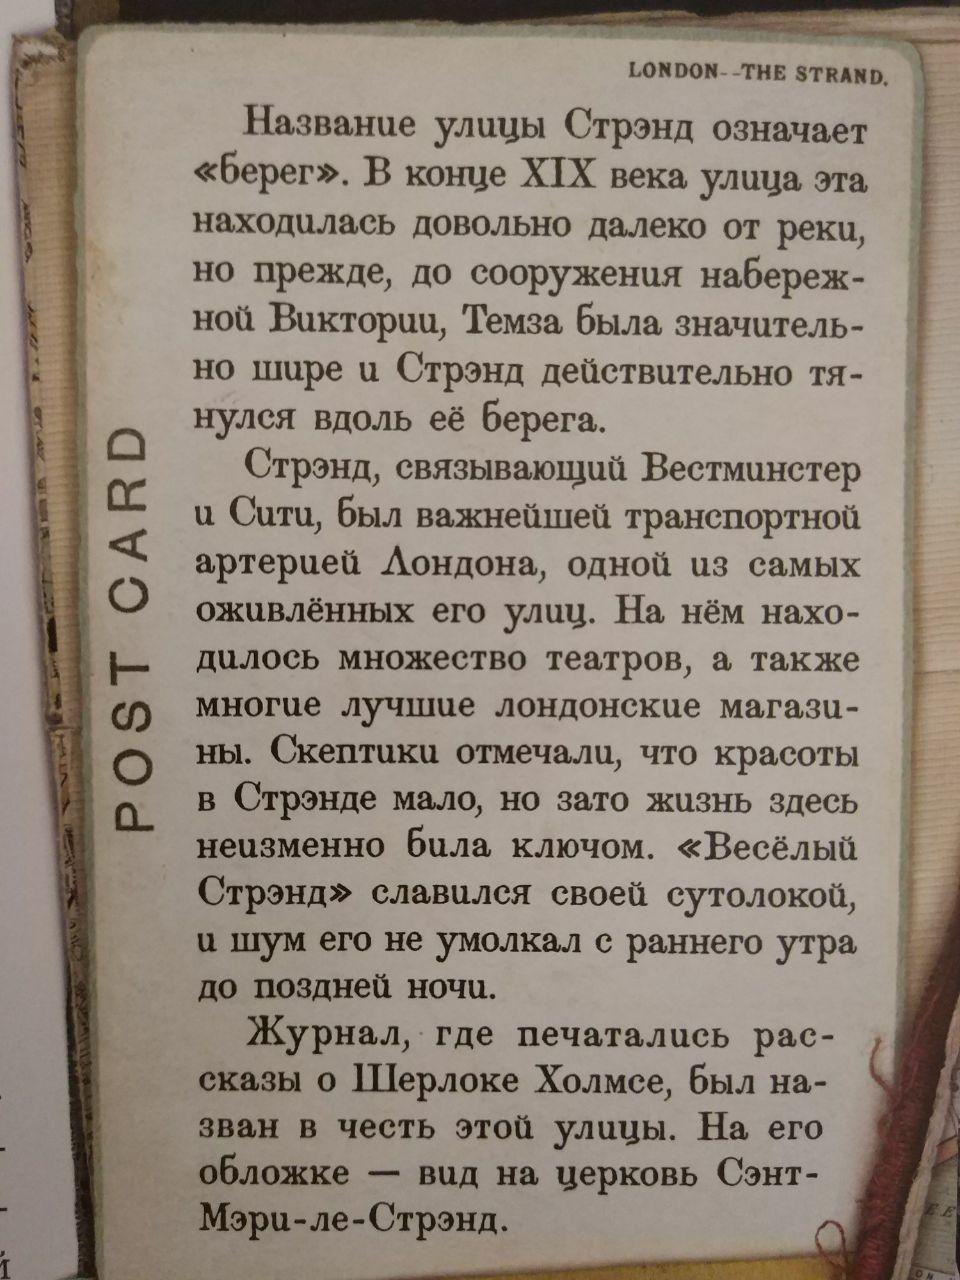 http://s7.uploads.ru/glLnY.jpg